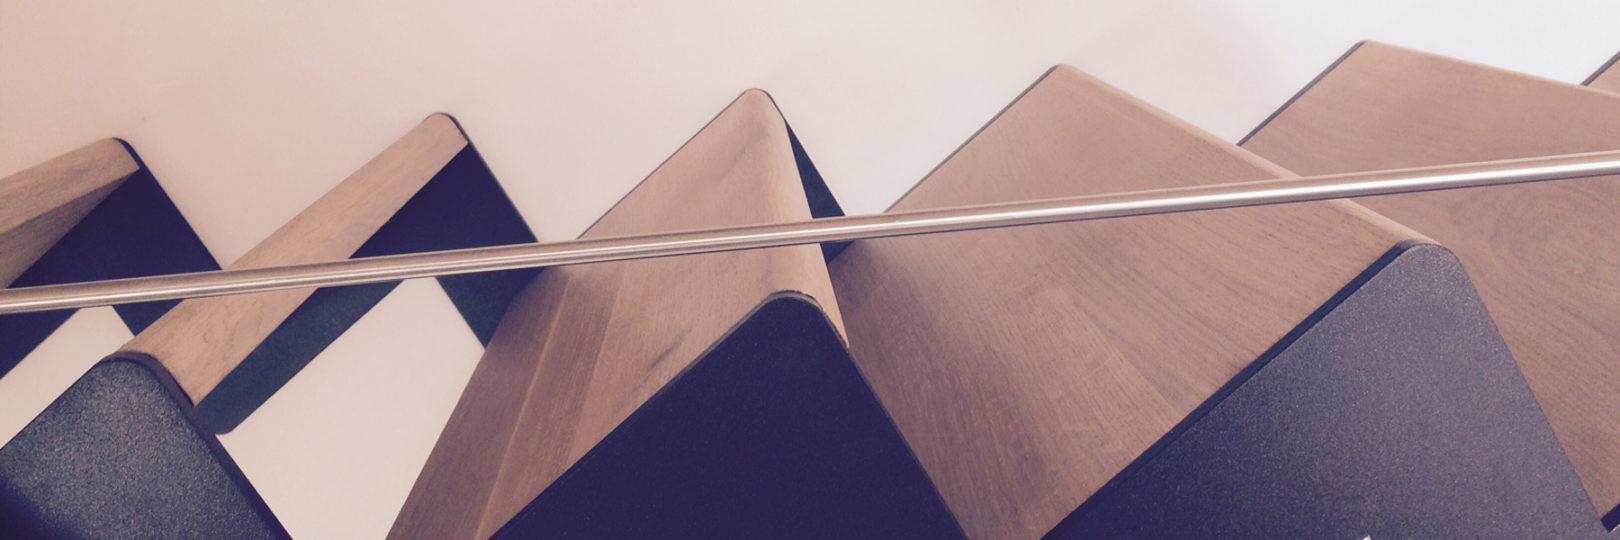 scala-rovere-rustico-design